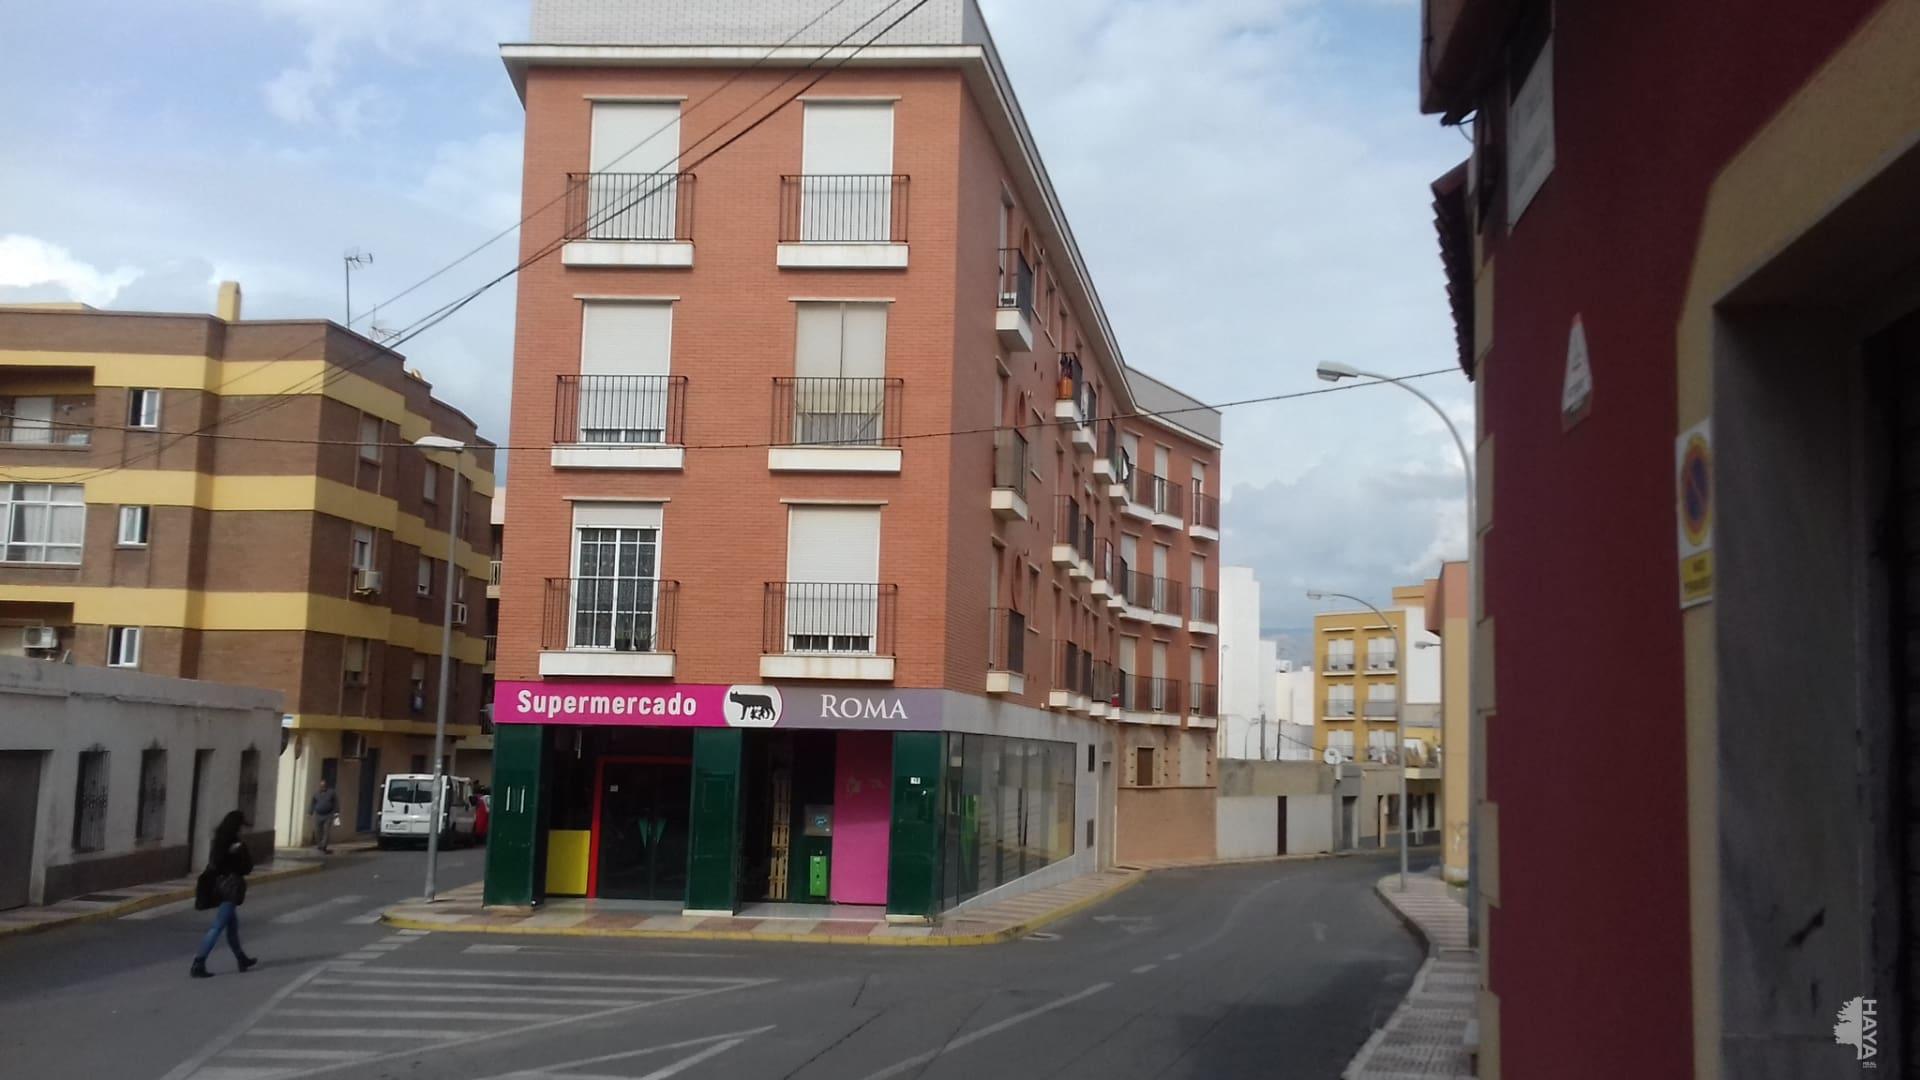 Piso en venta en Roquetas de Mar, Almería, Calle Santander, 68.400 €, 2 habitaciones, 1 baño, 73 m2